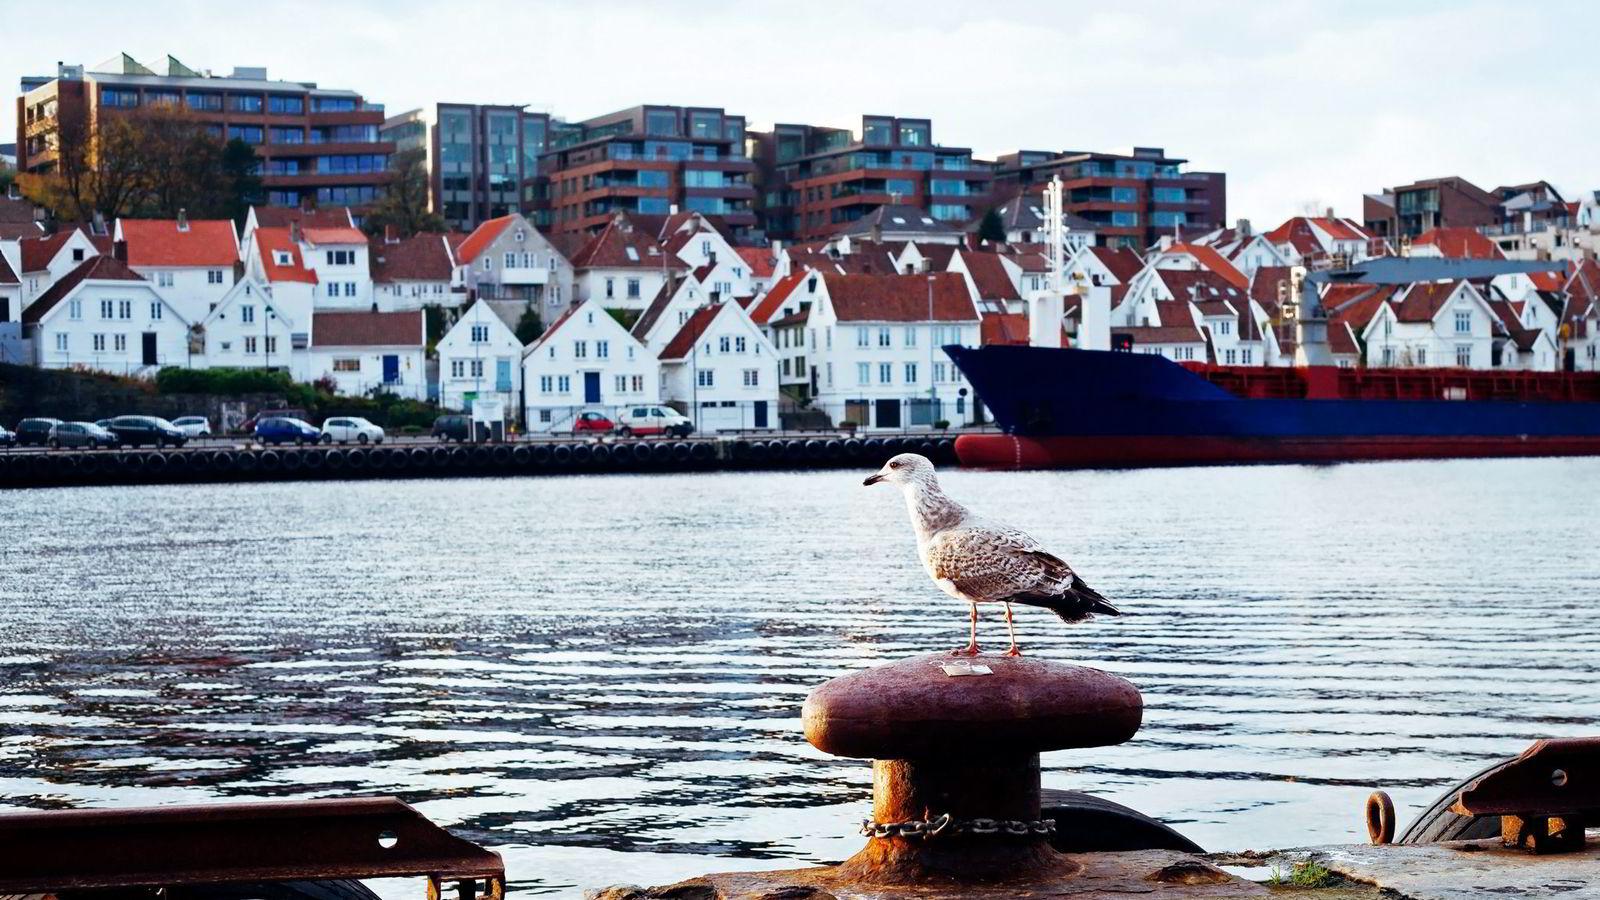 Avbildet er et boligområde i Stavanger, Rogalands største by. Foto: Istock